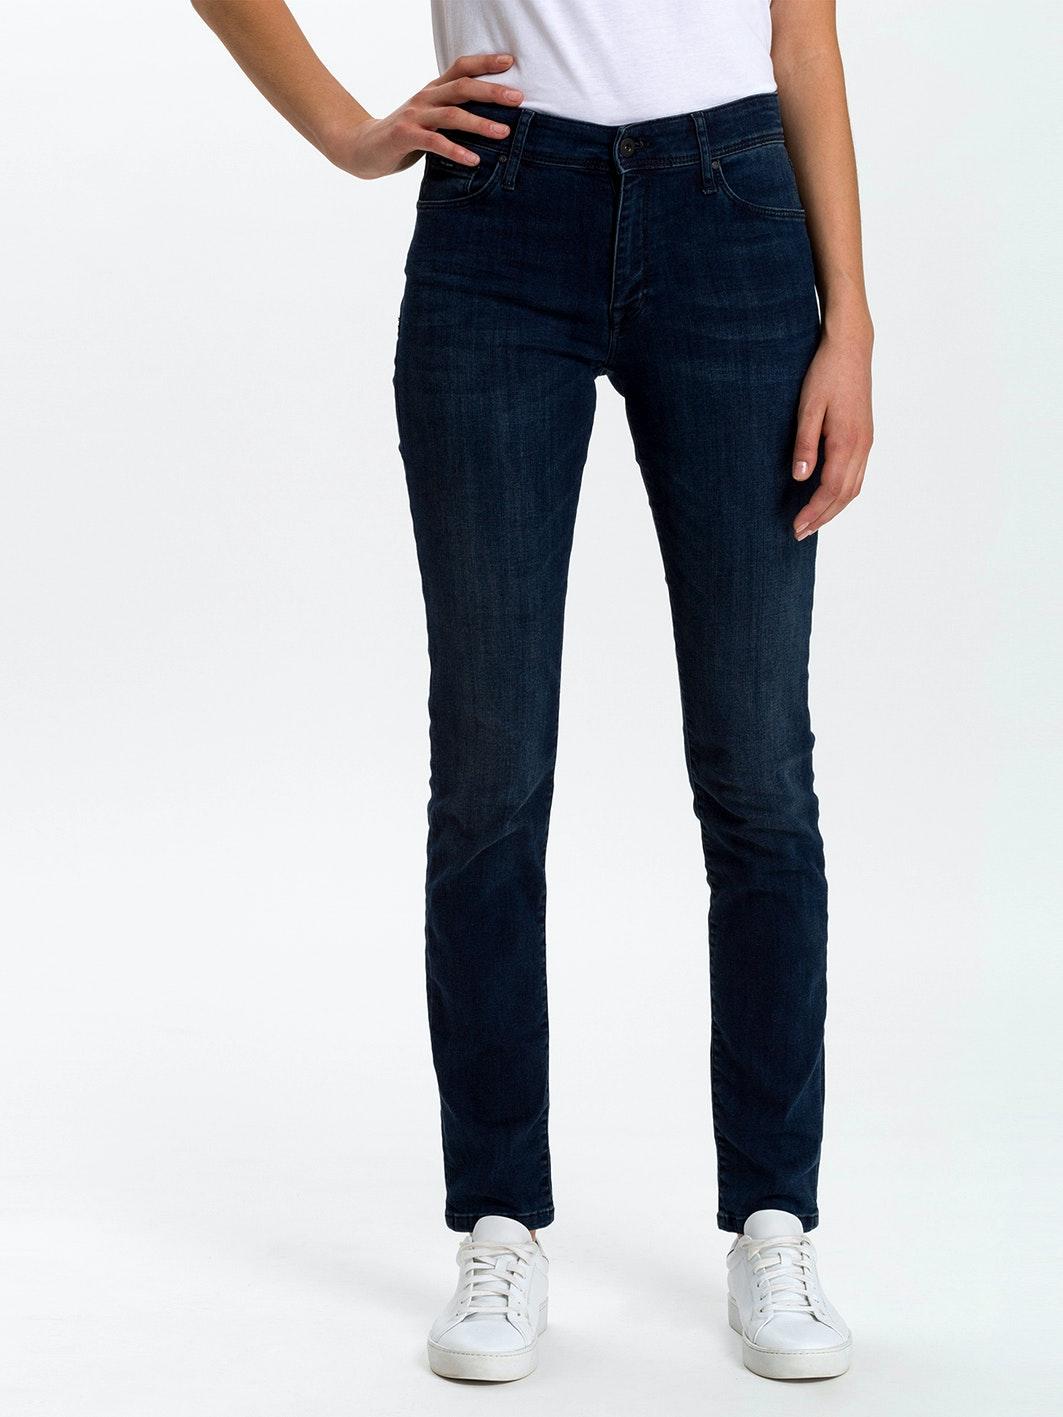 Cross Jeans Anya Slim Fit blue black used